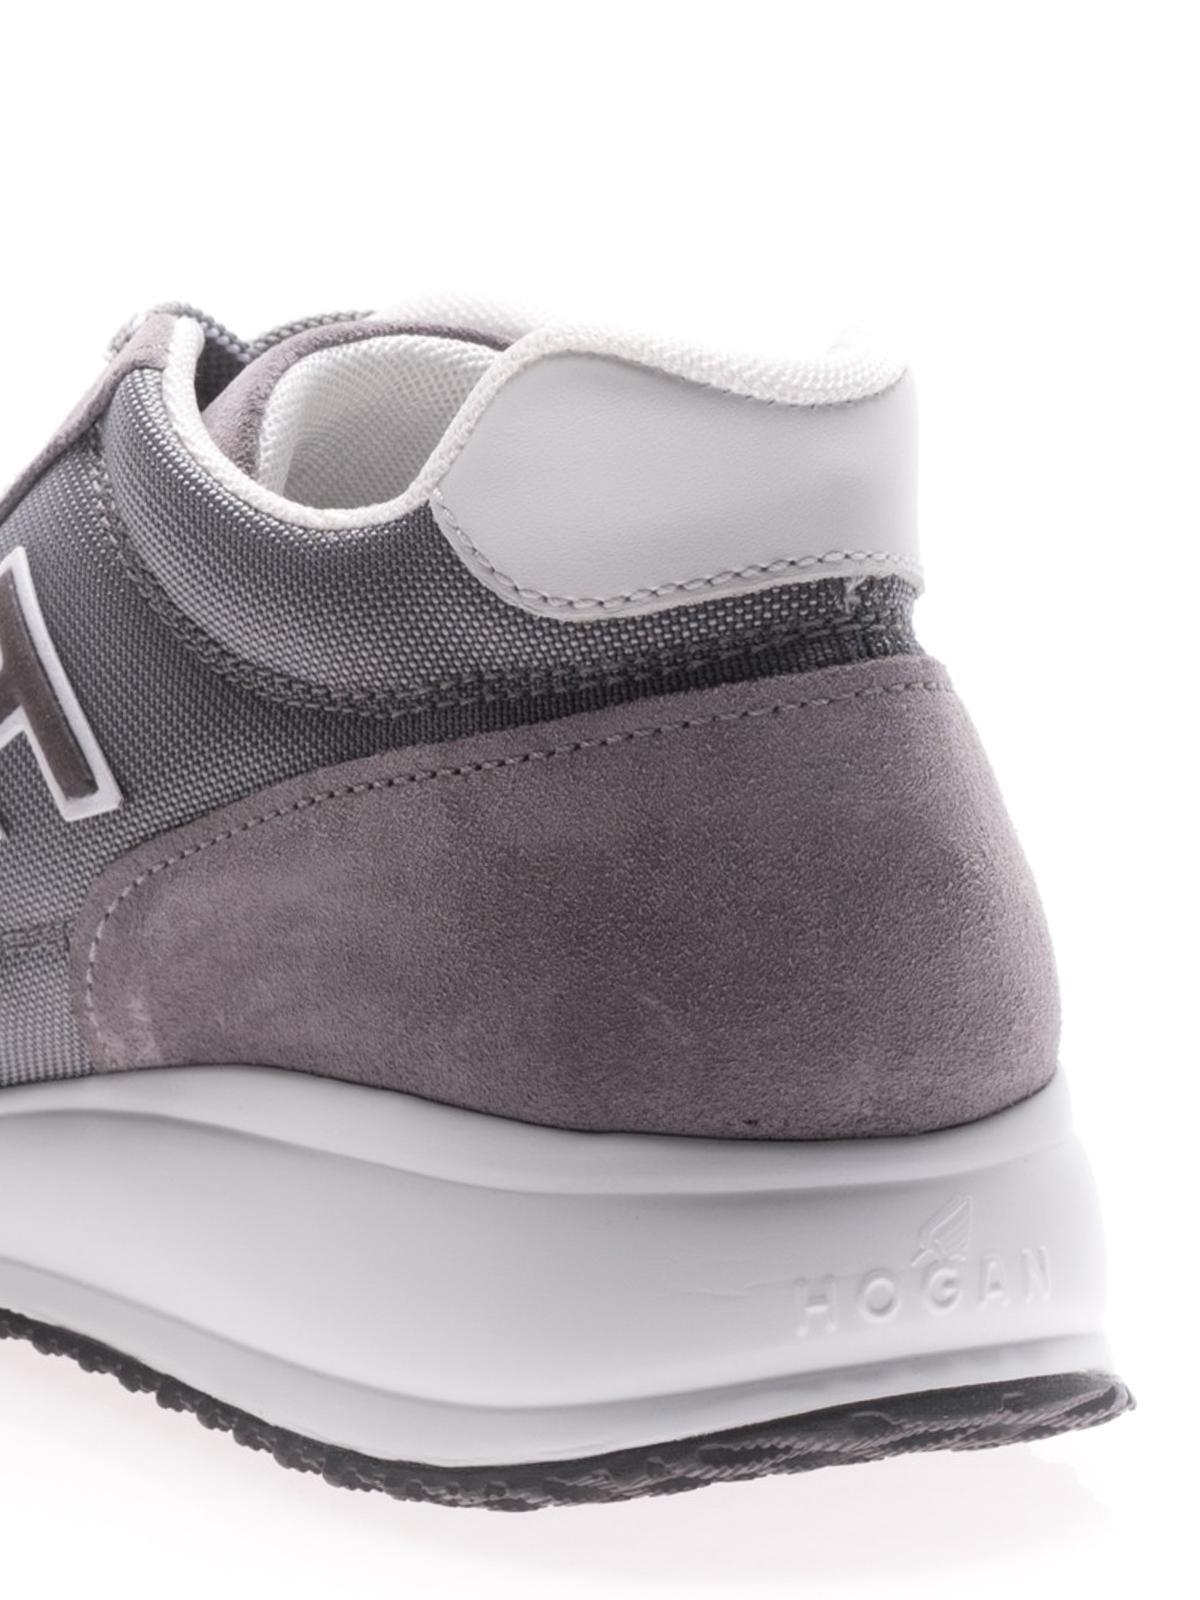 Hogan - Interactive N20 grey suede sneakers - trainers ...